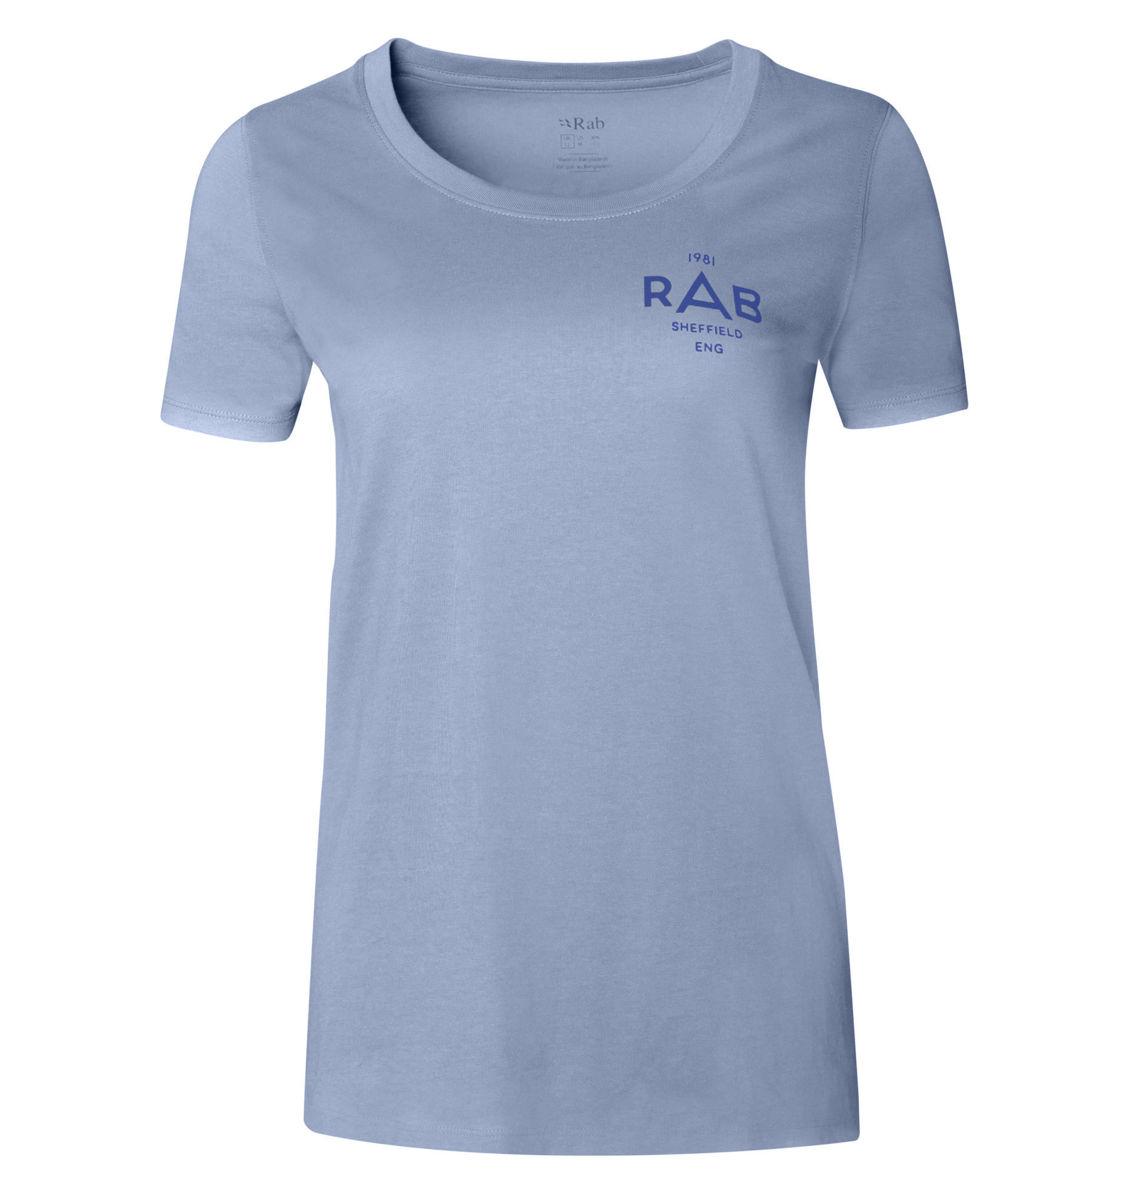 Blå T-skjorte til dame med logo